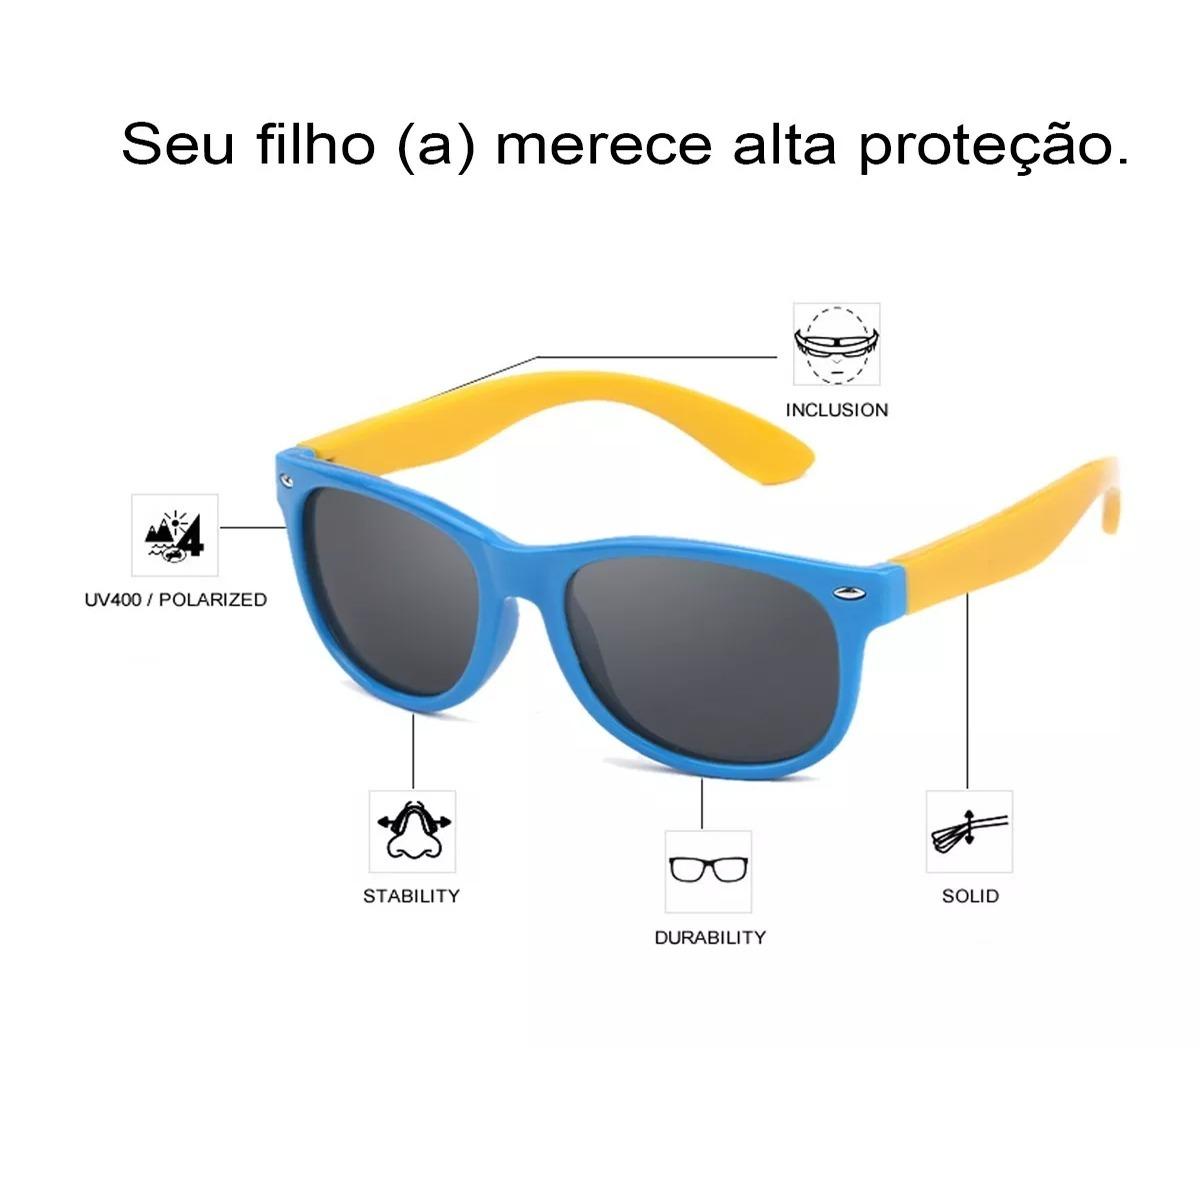 09ec8664d0fda óculos infantil polarizado de sol uv400 flexível + brinde. Carregando zoom.